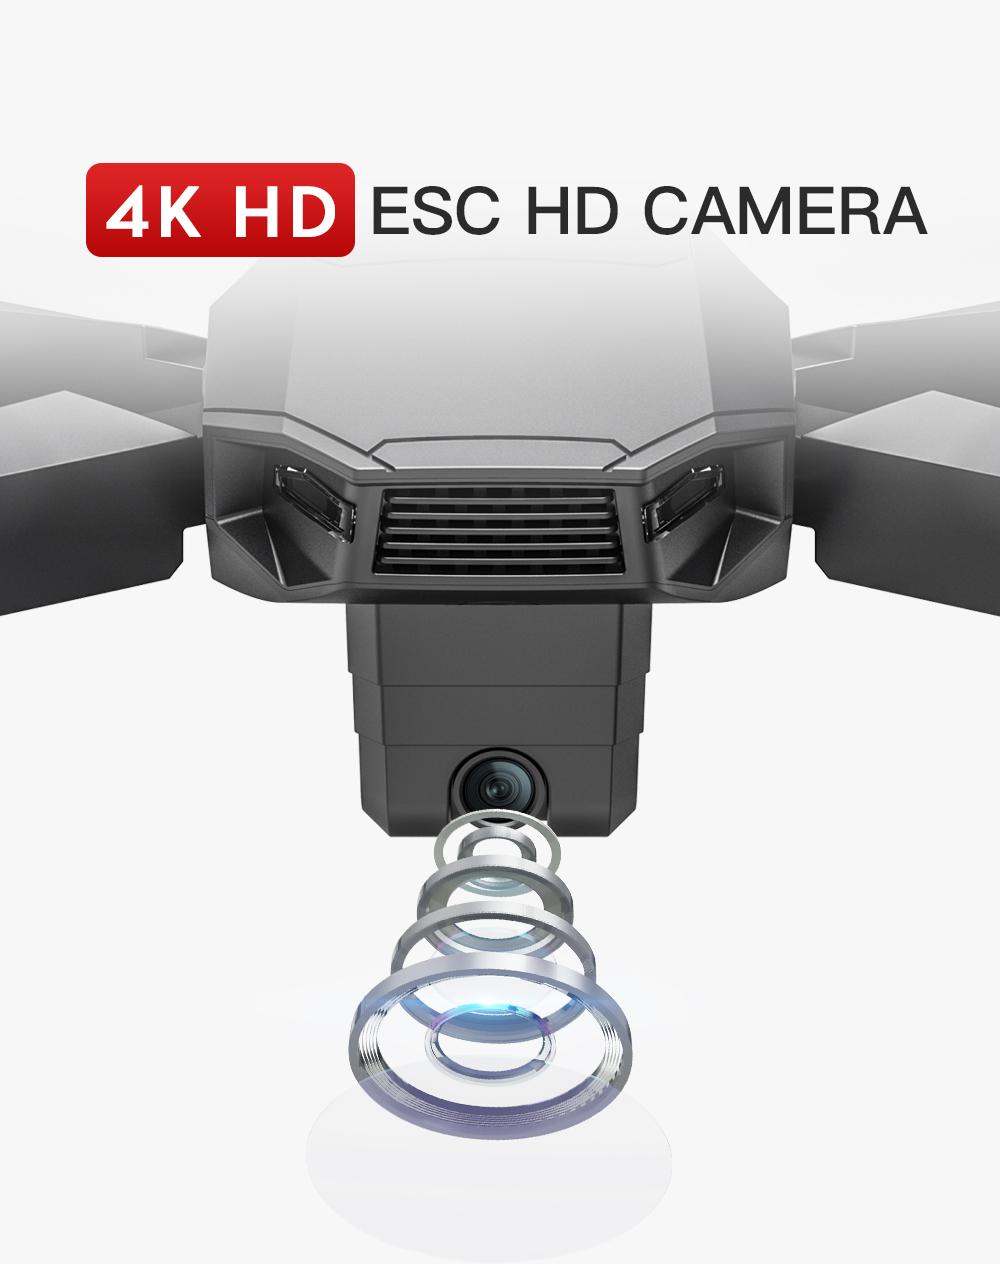 Kf107 gps Радиоуправляемый Дрон с 4k hd двойной камерой управление